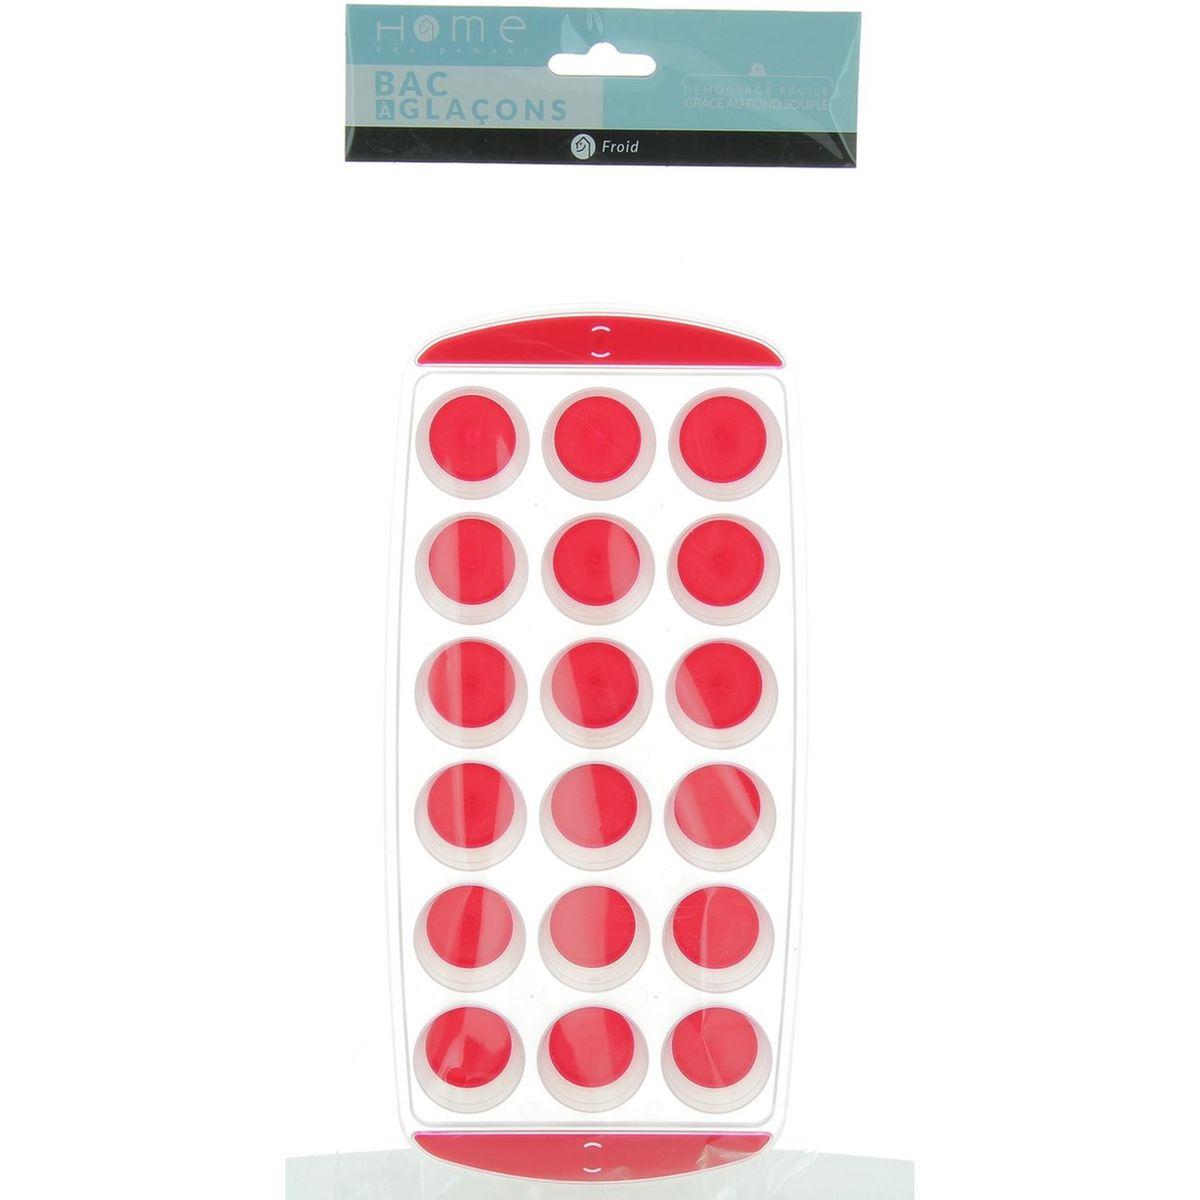 Bac à glaçons 92007 fantaisie rigide avec fond souple Rouge